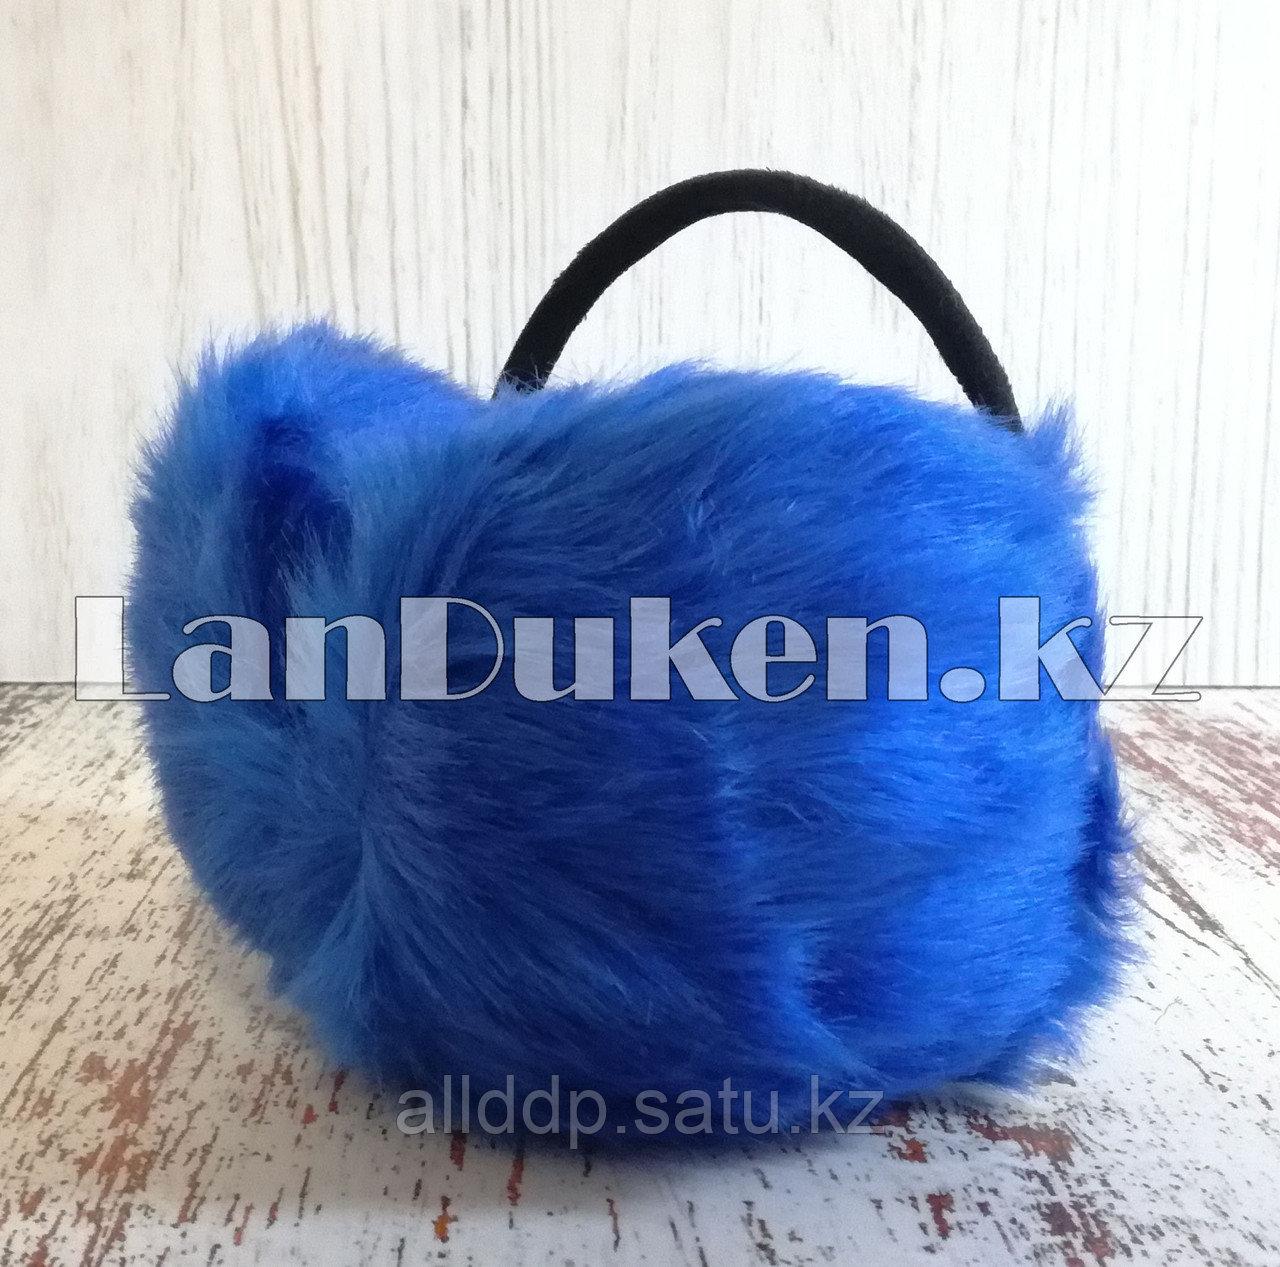 Меховые наушники с ободком сзади синие